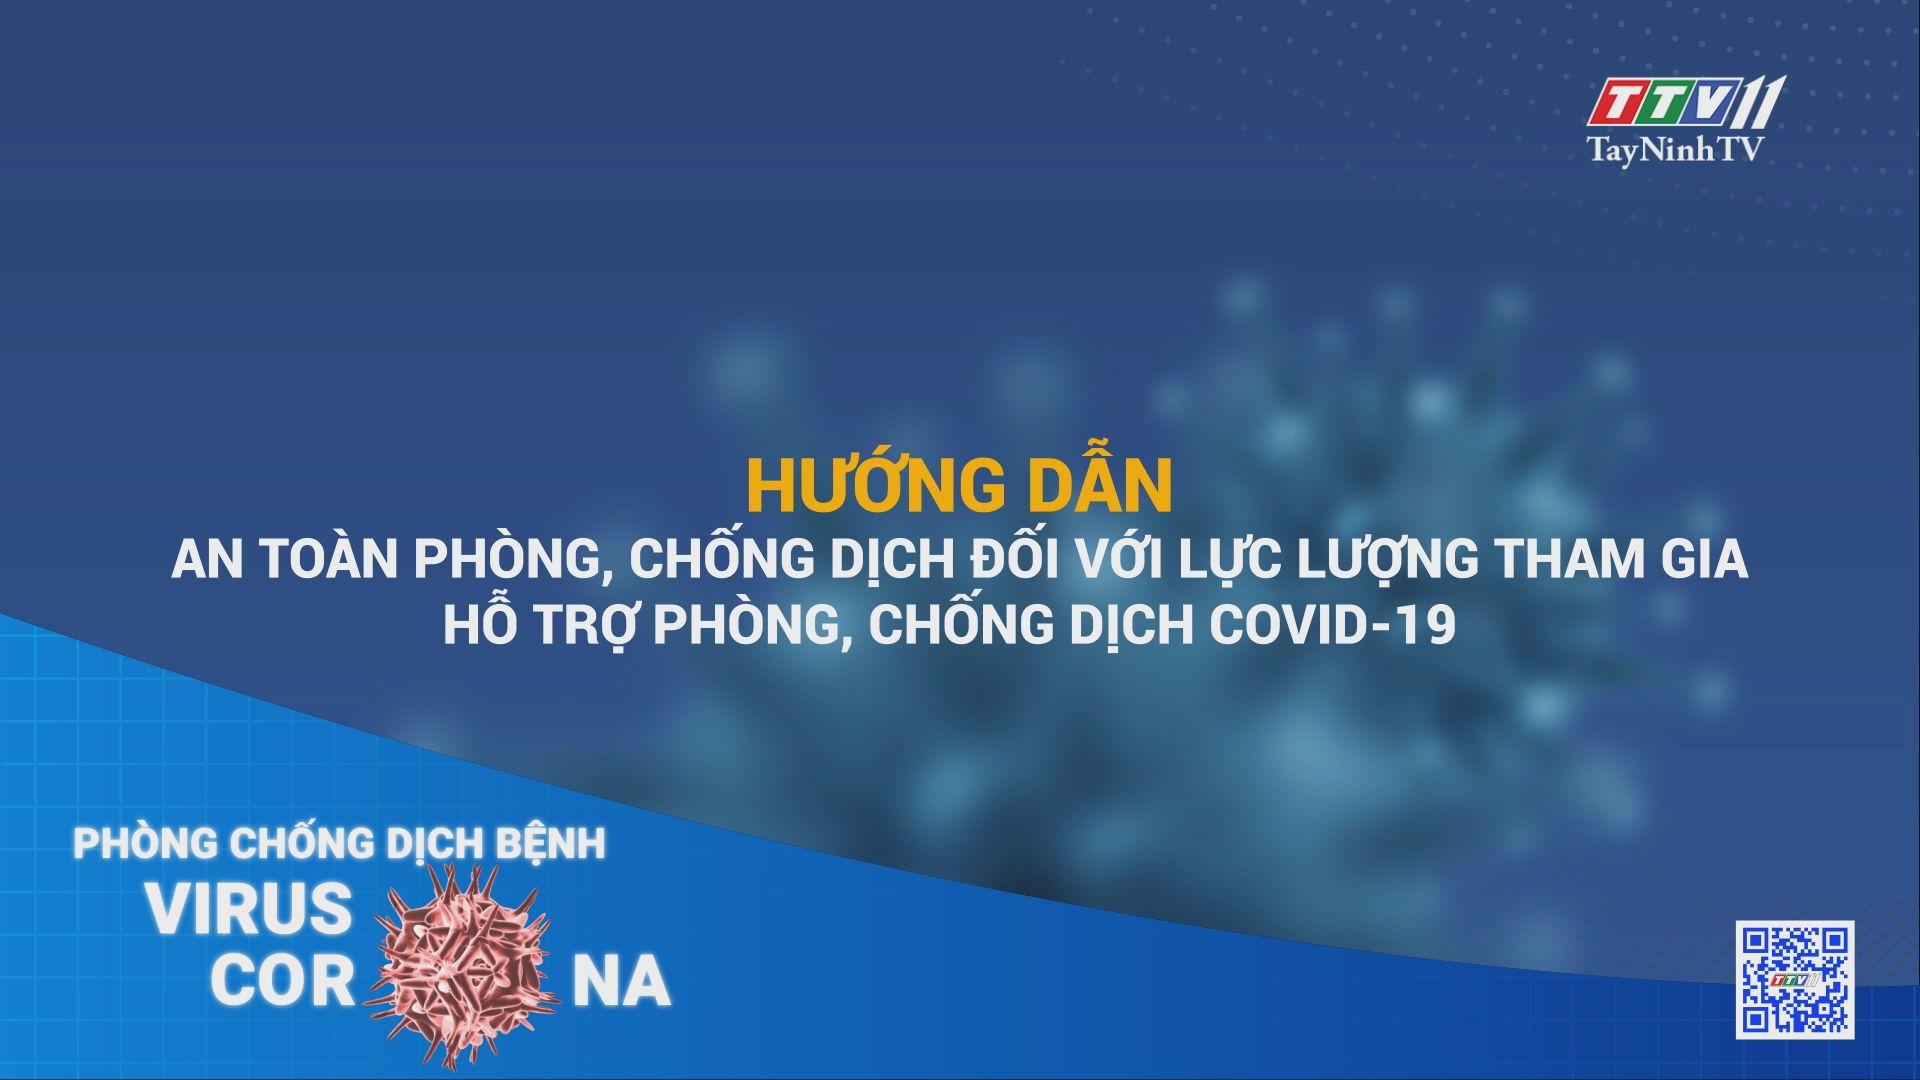 Hướng dẫn an toàn đối với lực lượng tham gia hỗ trợ phòng, chống dịch Covid-19 | THÔNG TIN DỊCH COVID-19 | TayNinhTV